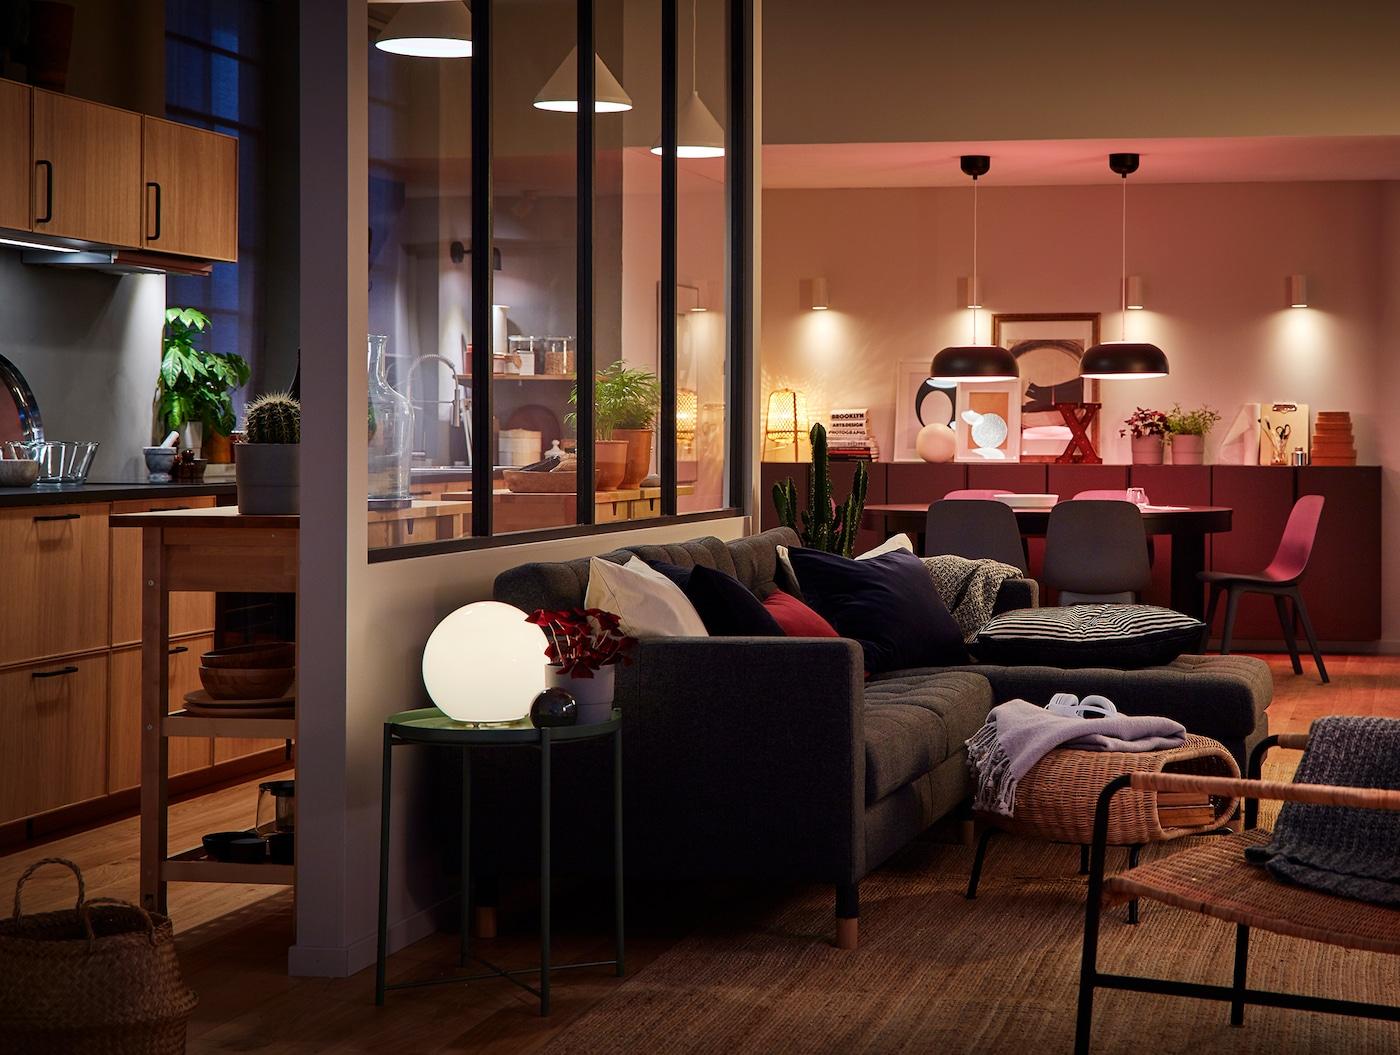 En åpen stue- og kjøkkenløsning med flere typer TRÅDFRI smartbelysning.